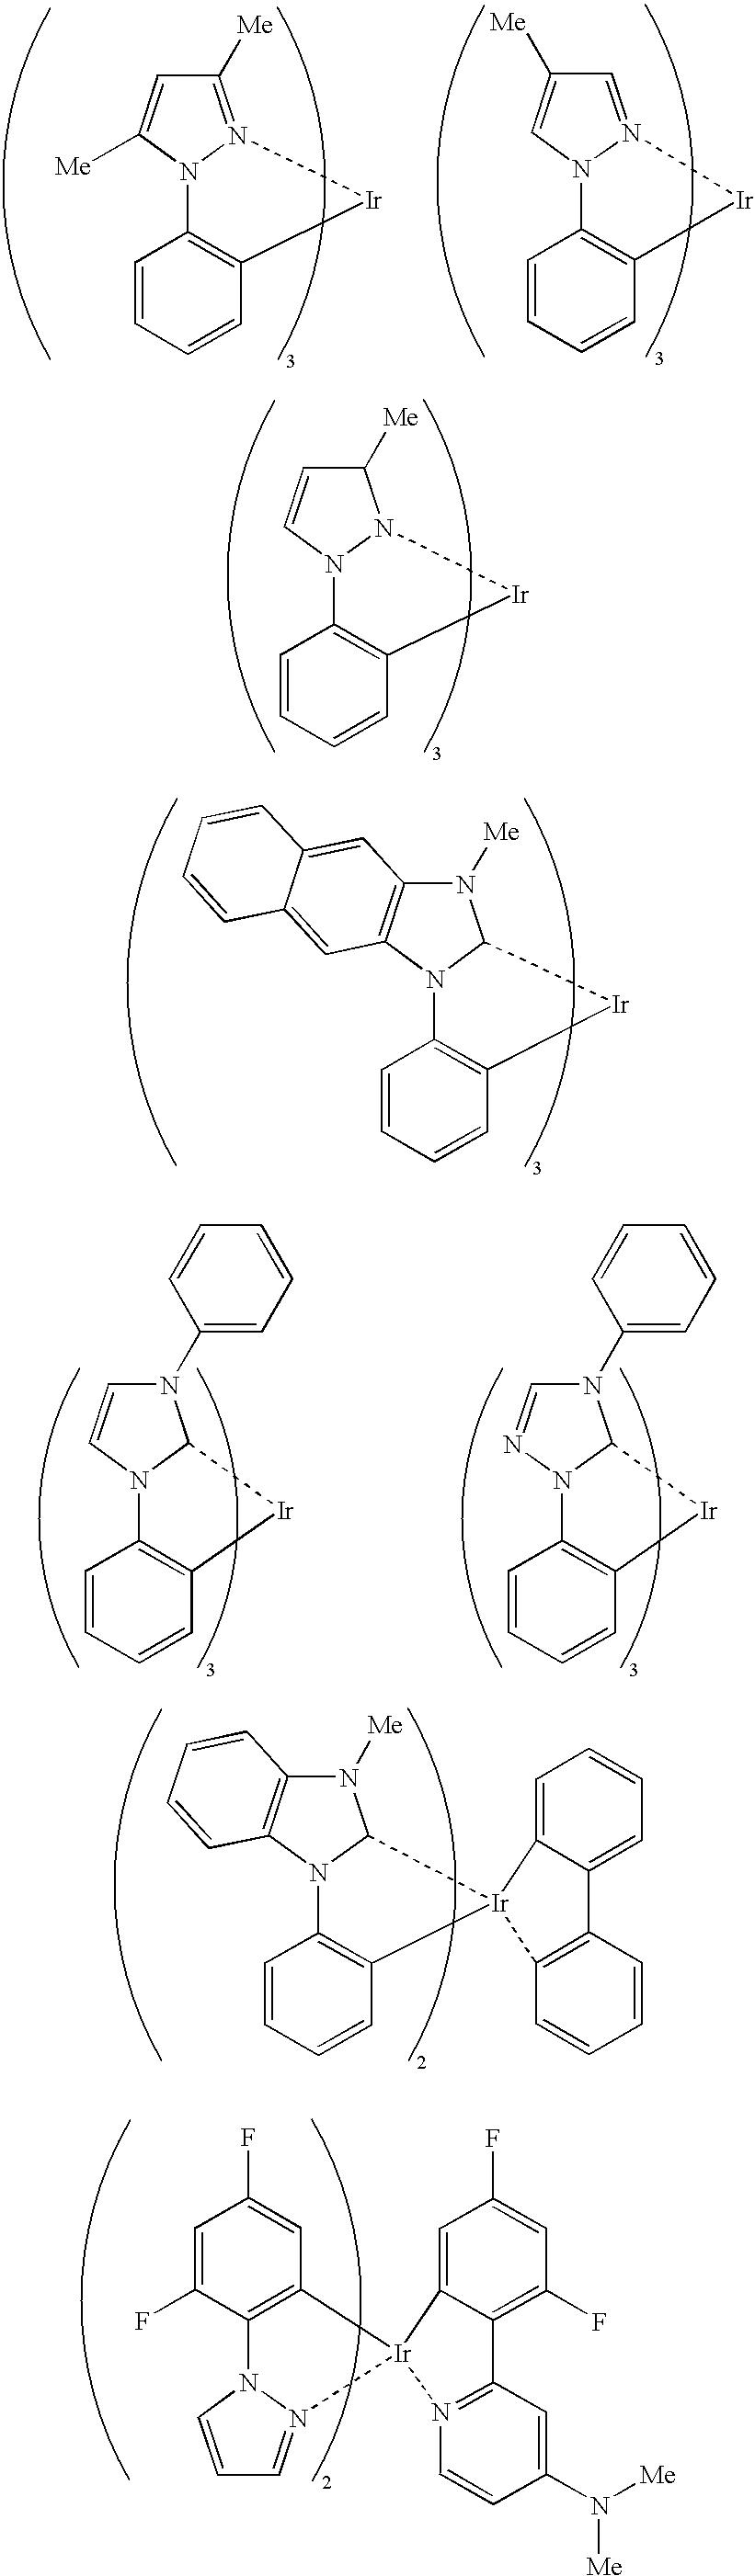 Figure US07608993-20091027-C00032